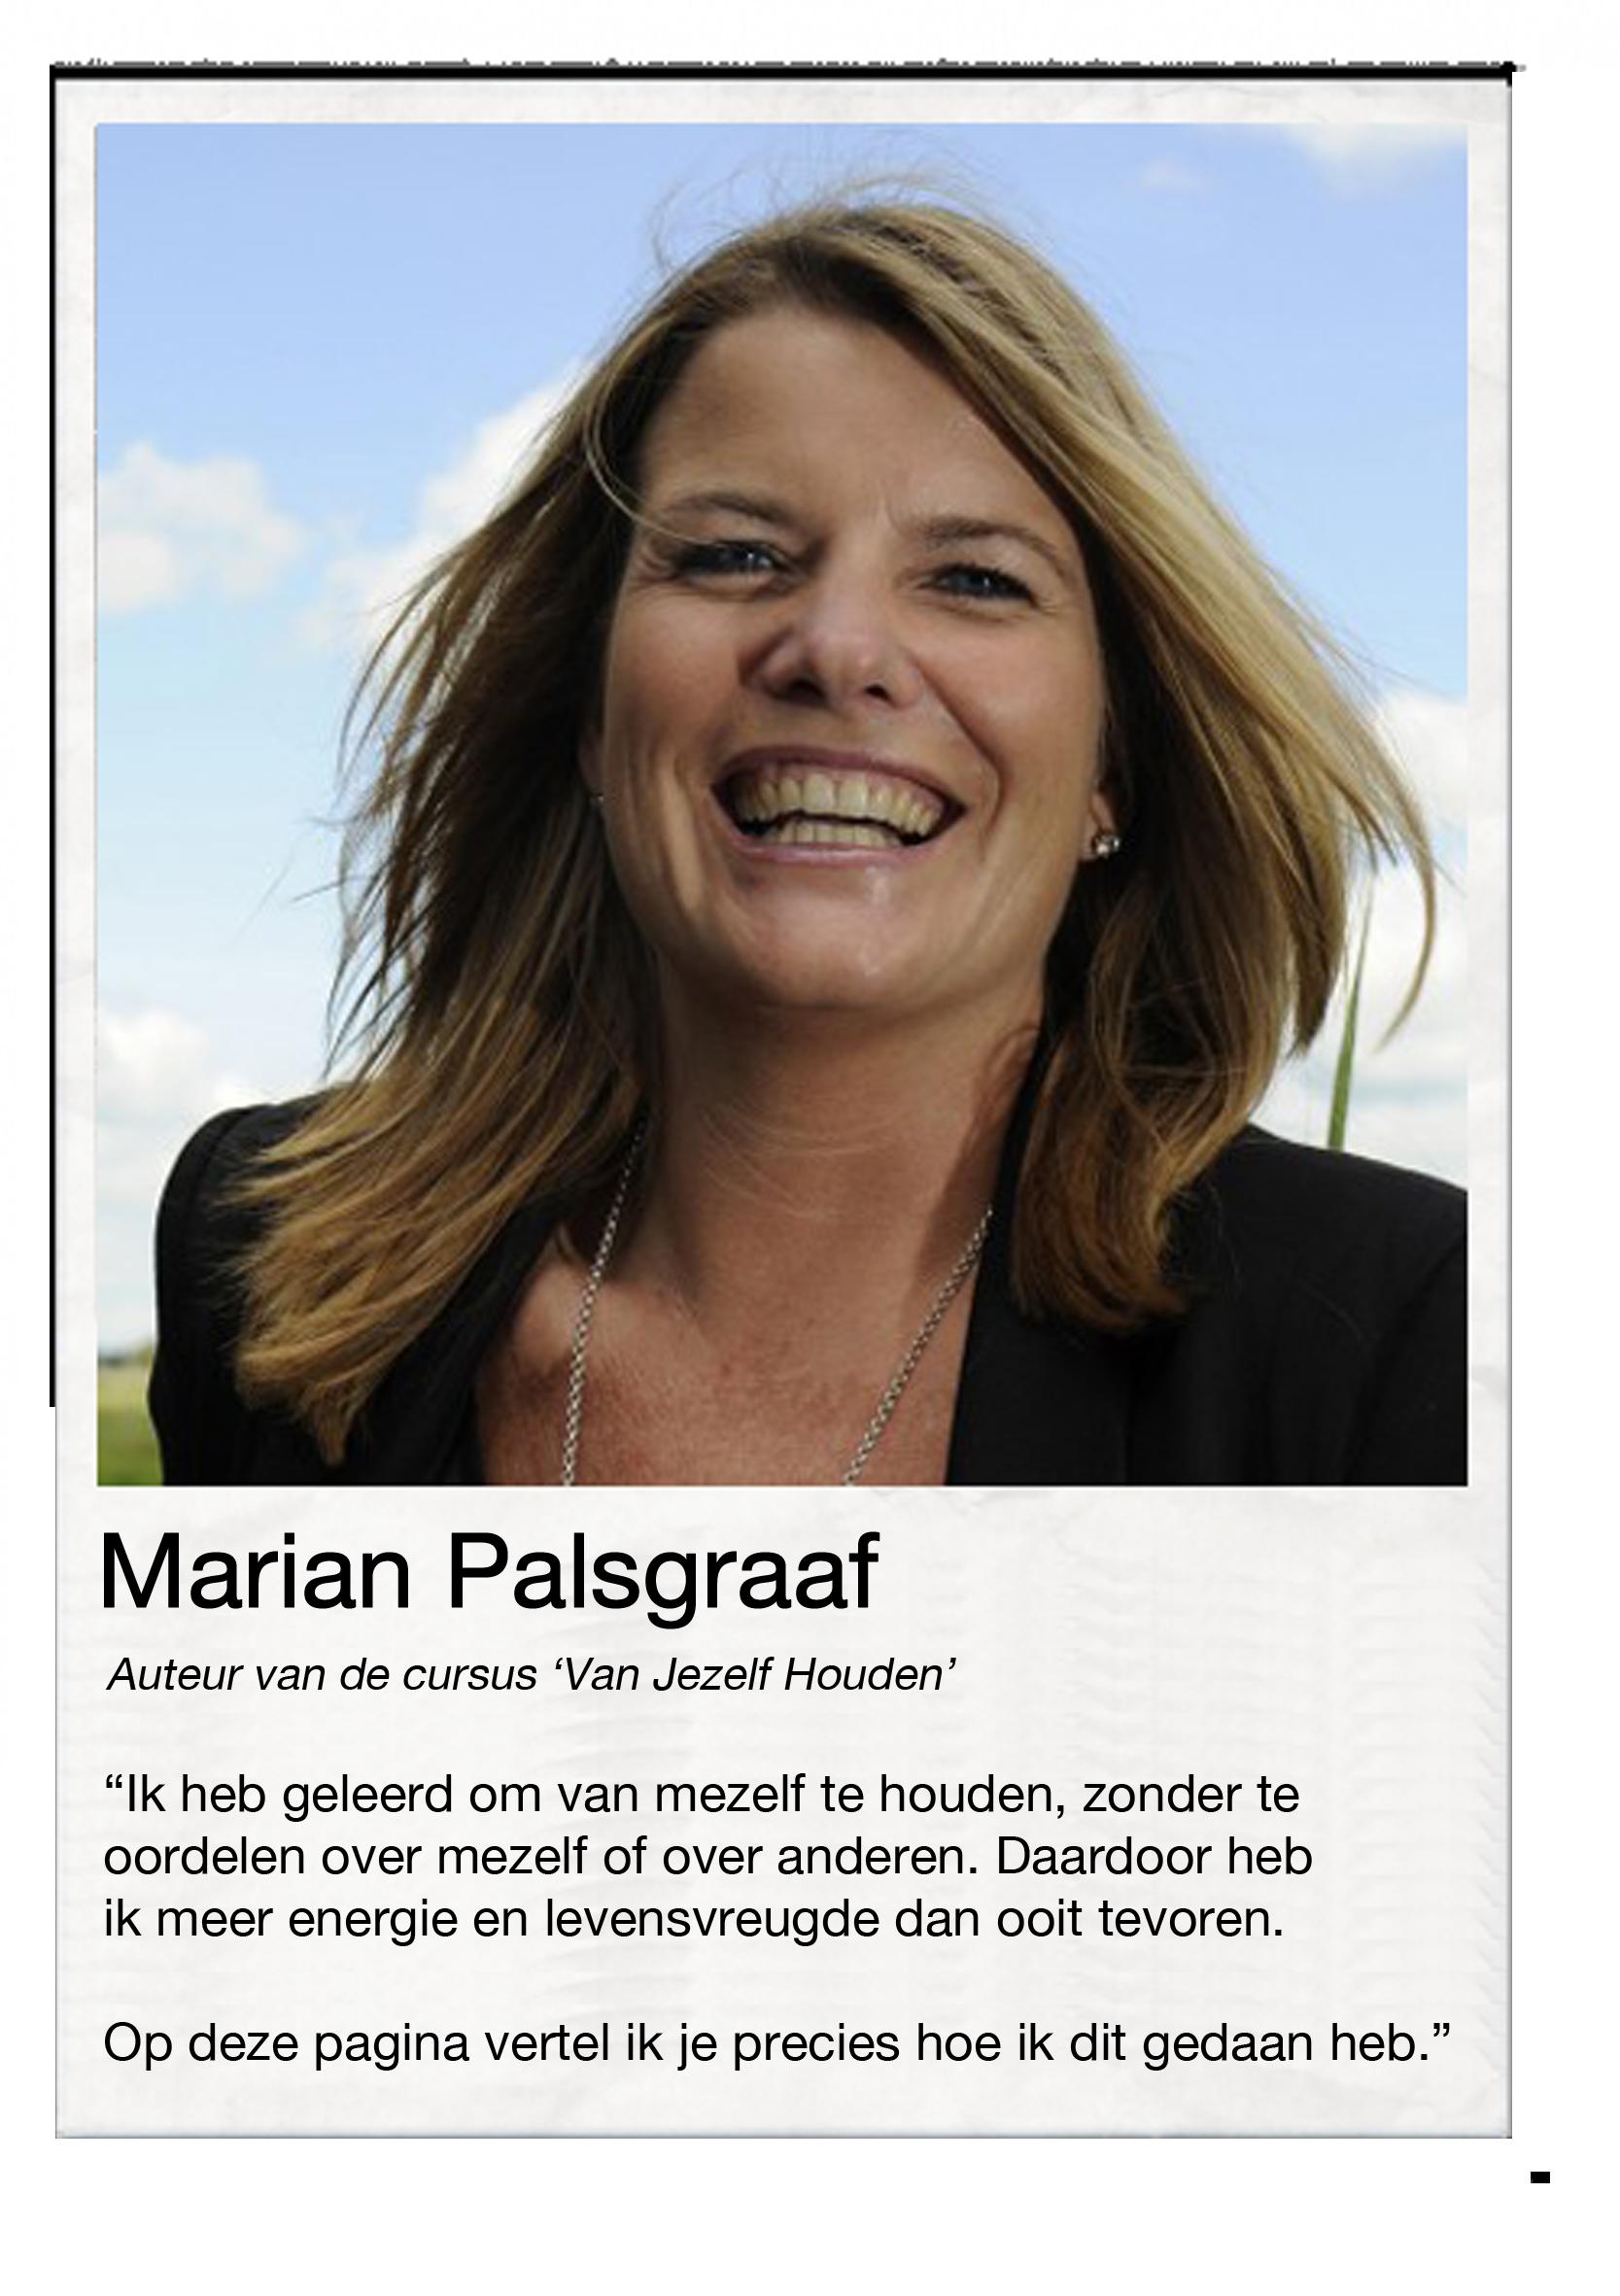 Marian Palsgraaf Van jezelf houden